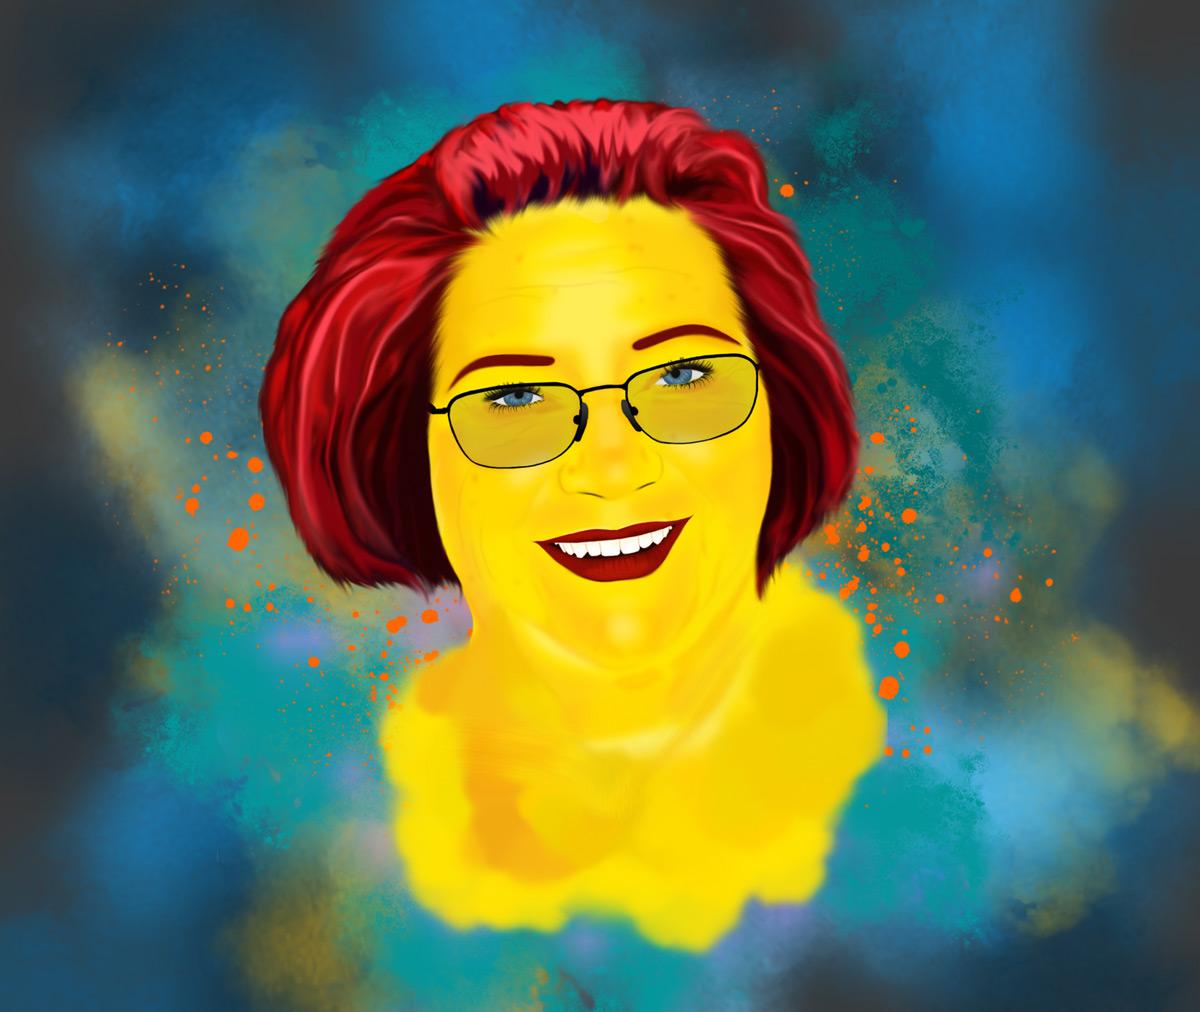 Digital målning av mormor